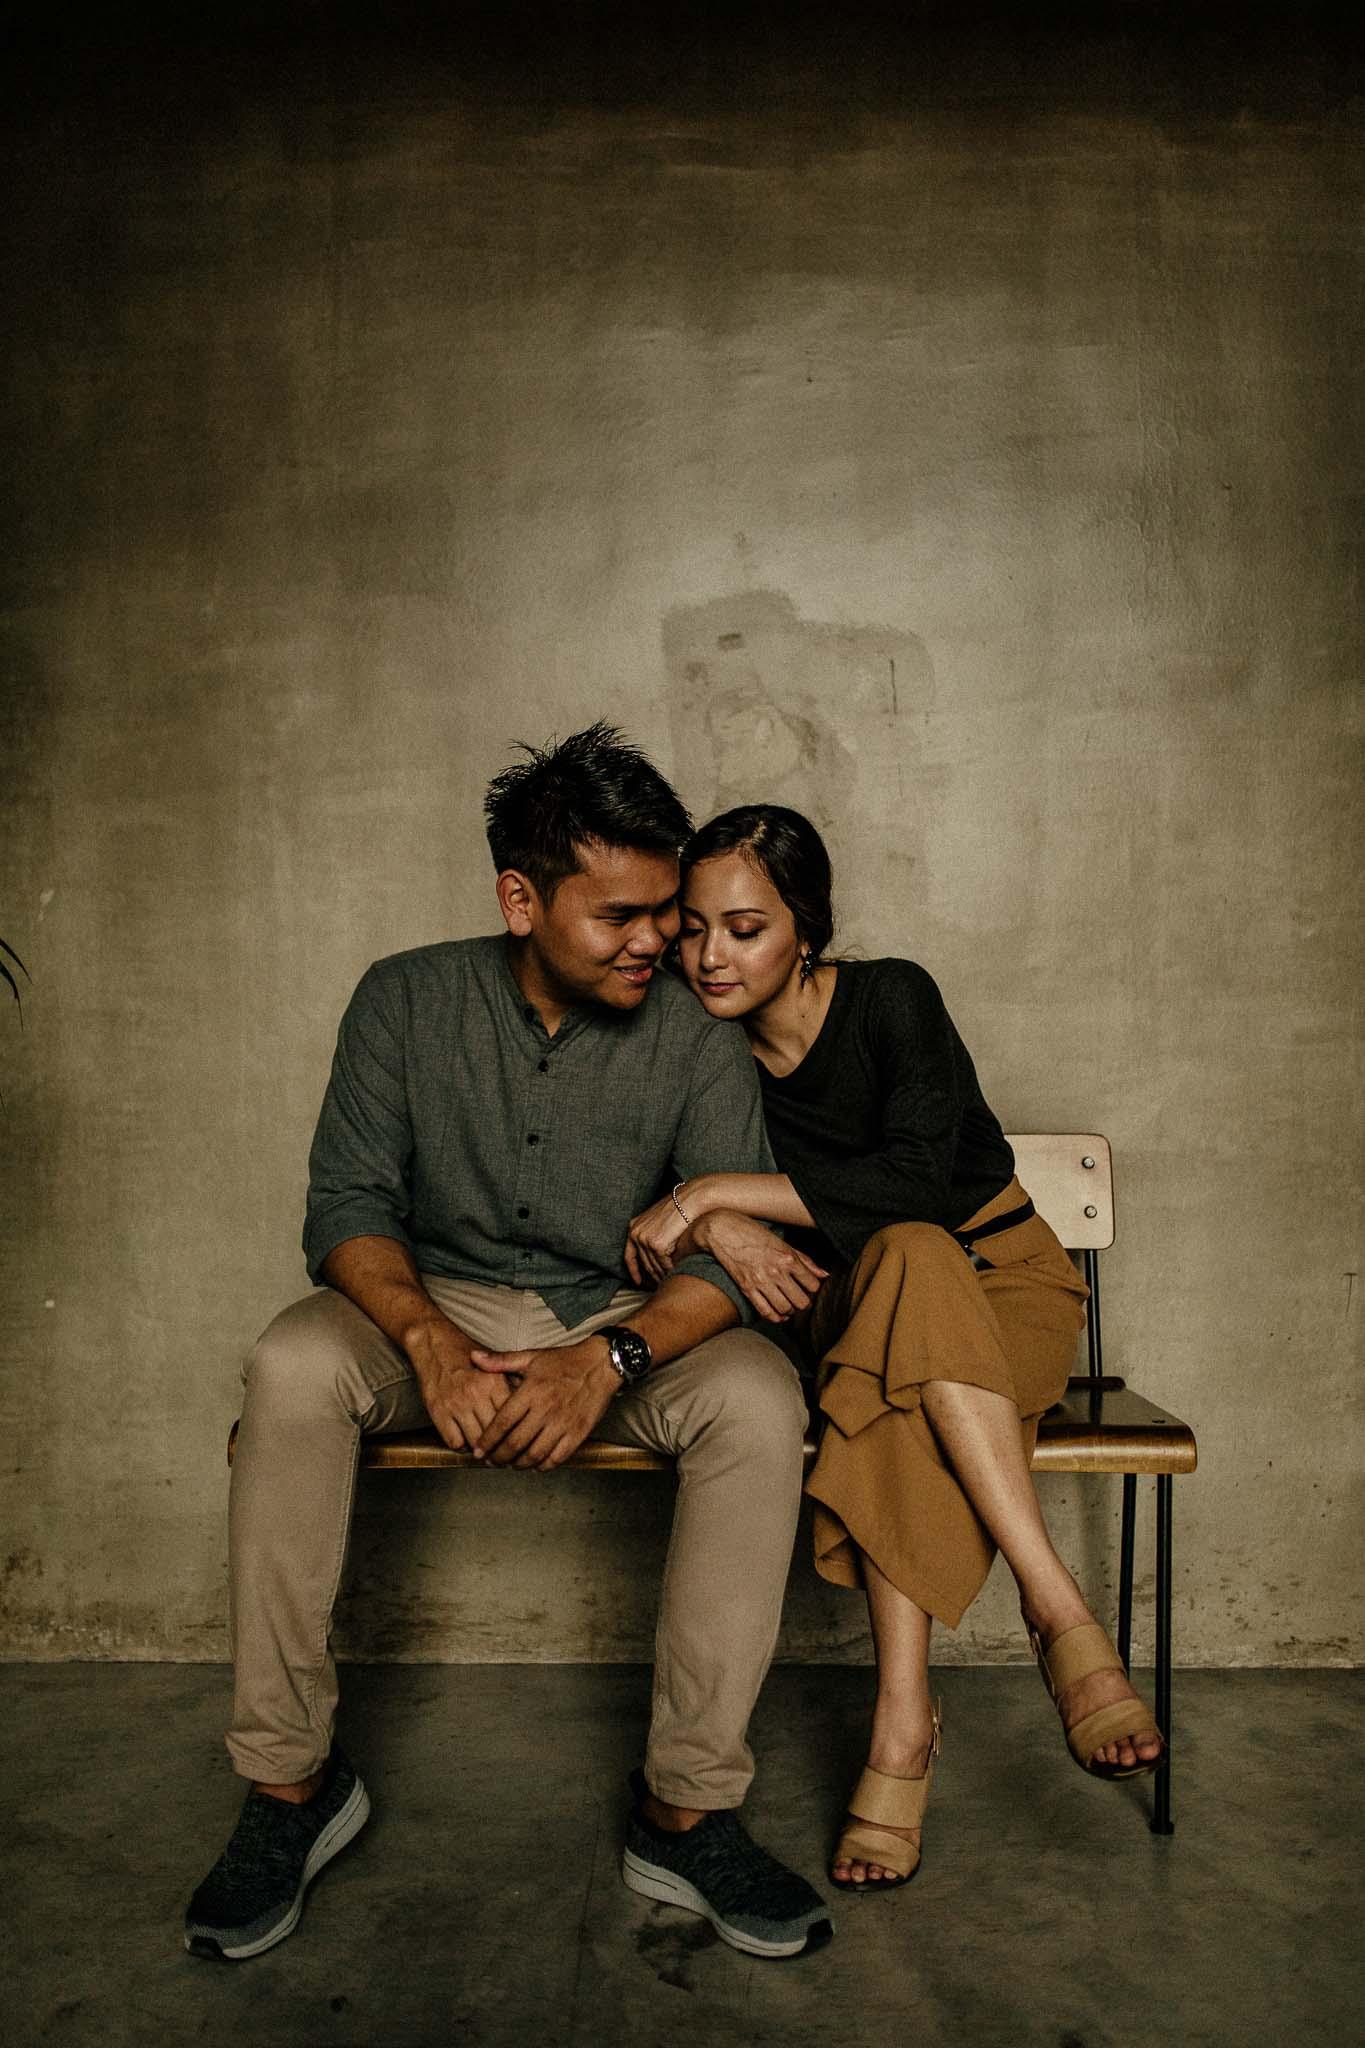 qila&elyas-weddingsbyqay-lovesession (123 of 297).jpg